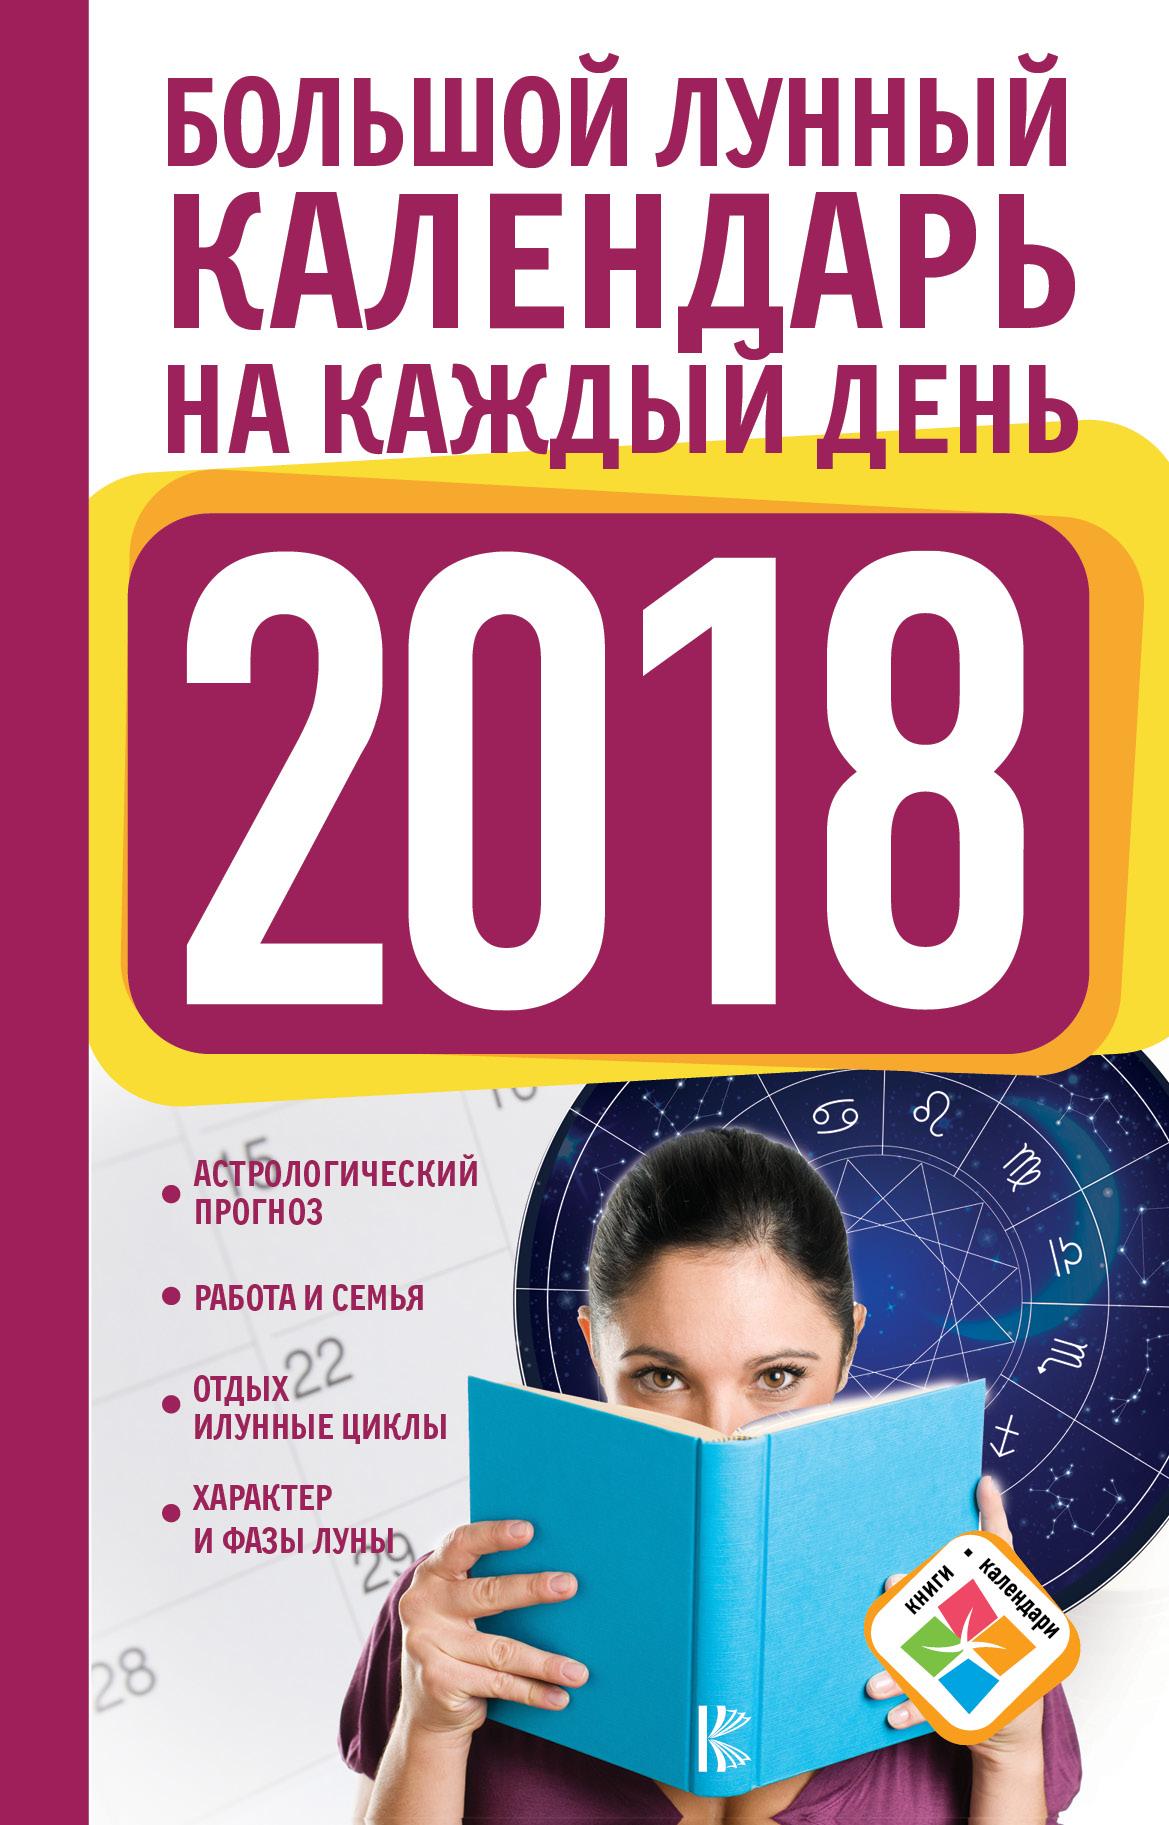 Виноградова Н. Большой лунный календарь на каждый день 2018 года